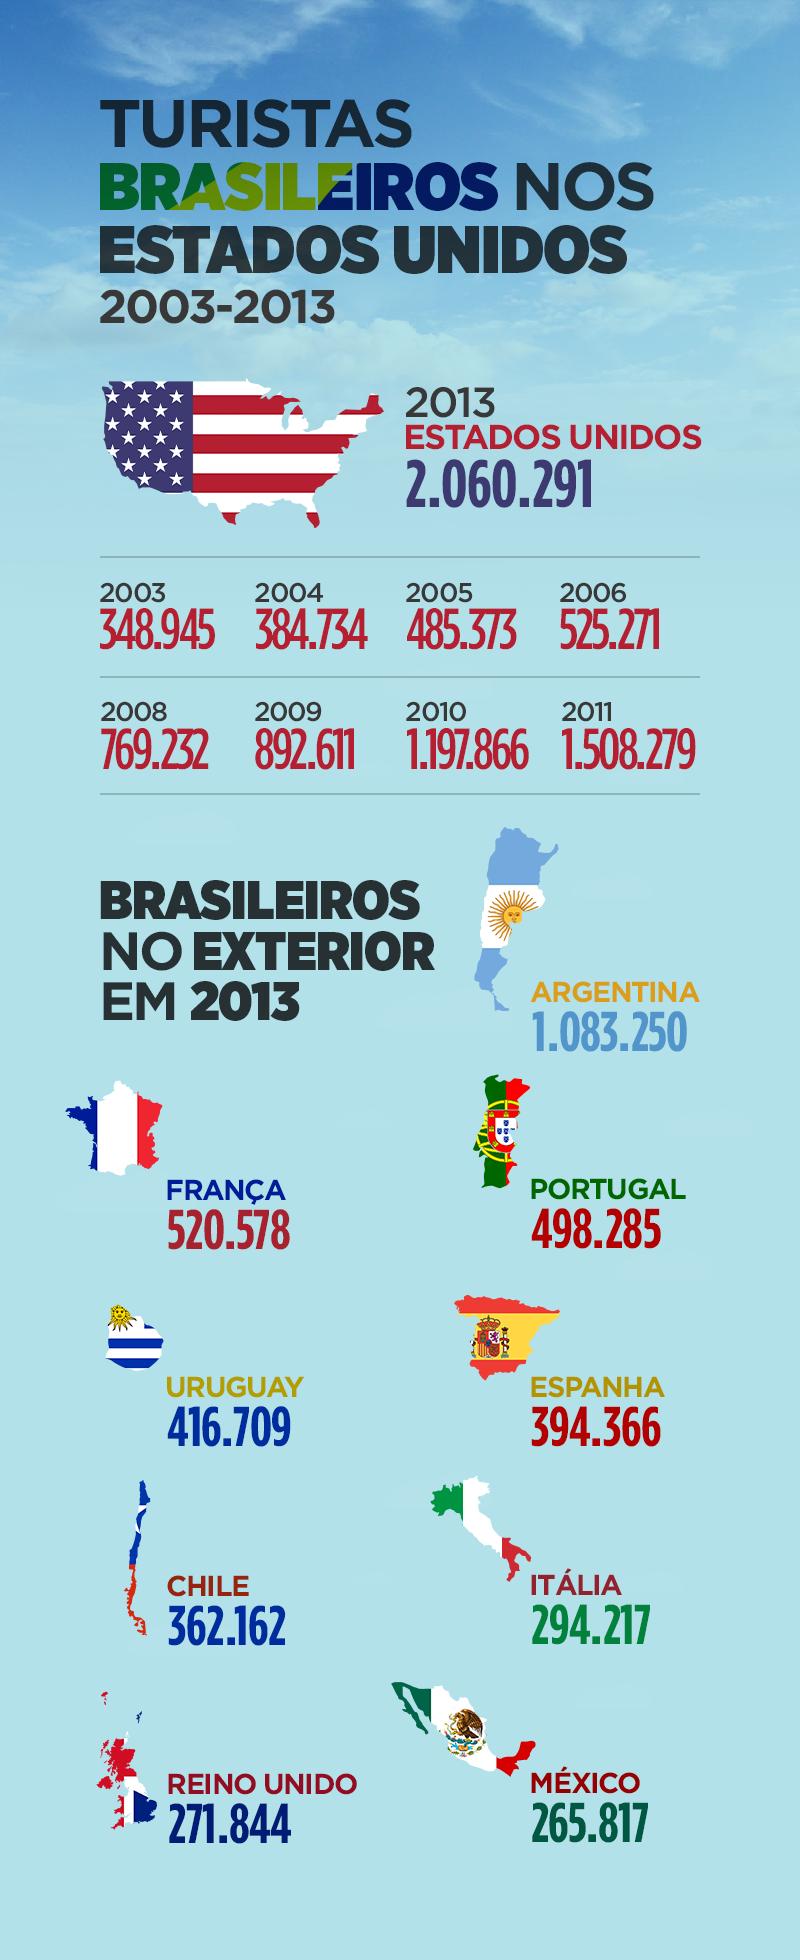 Eua s o o destino favorito de turistas brasileiros conselho federal parlamentar for Batepapo uol com br brasileiros no exterior